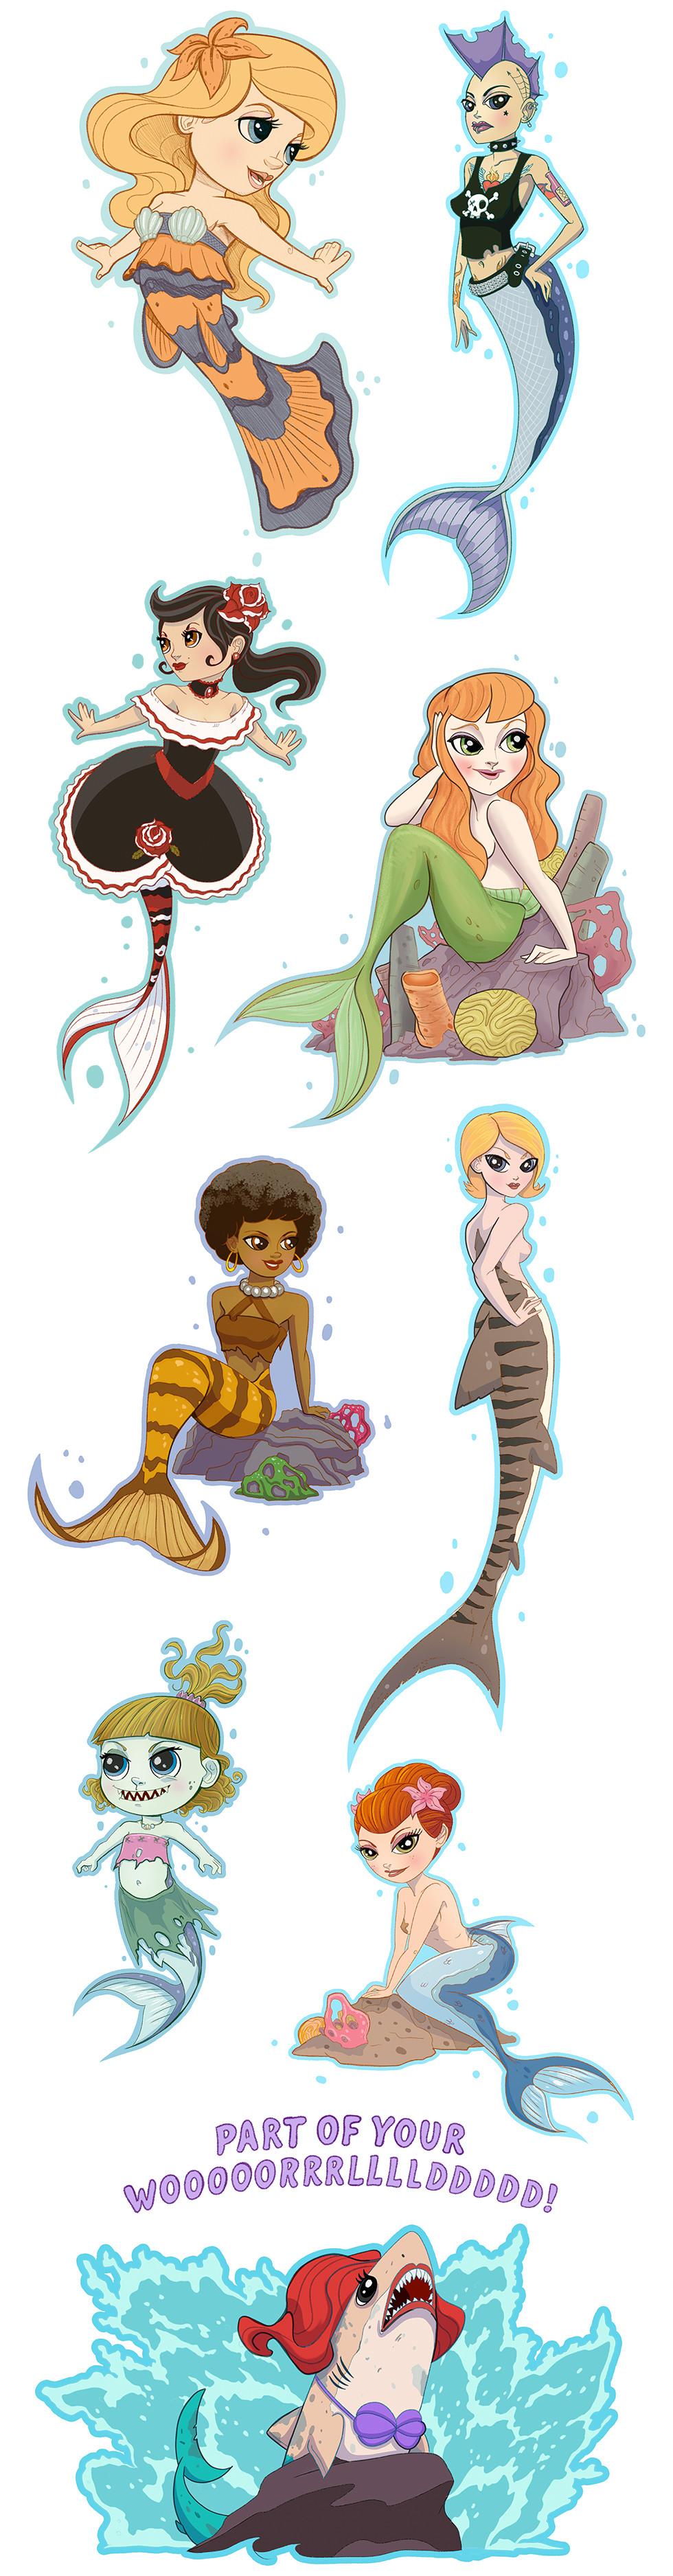 mermaids landon armstrong